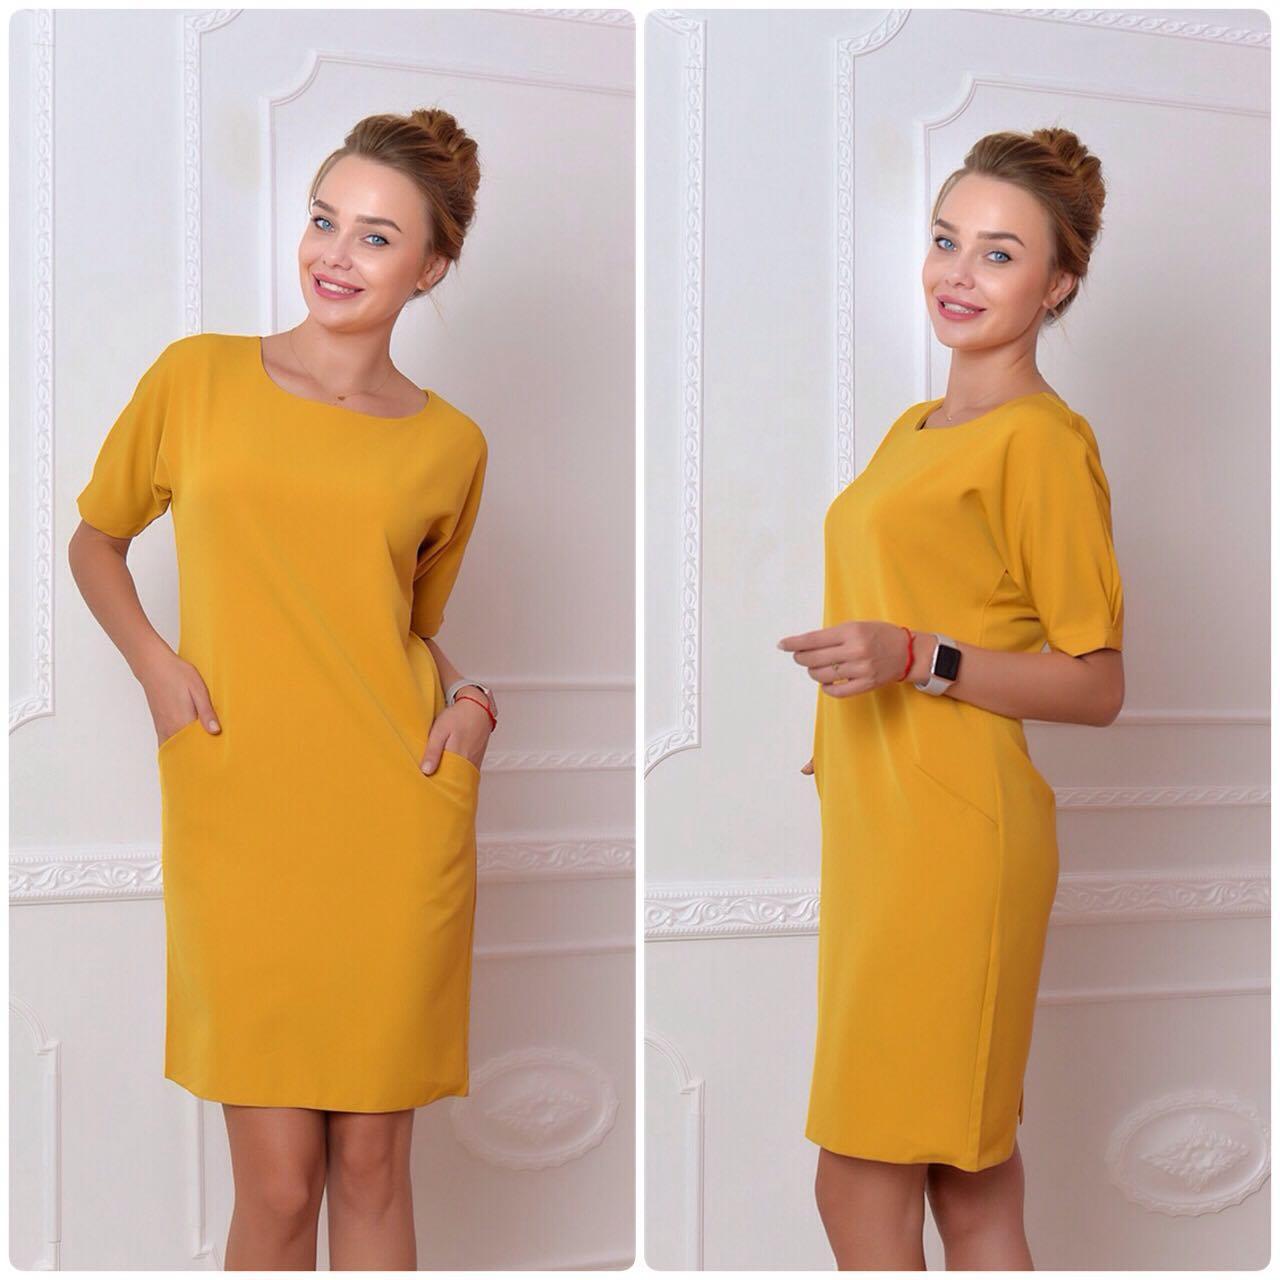 Платье, модель 700, горчица